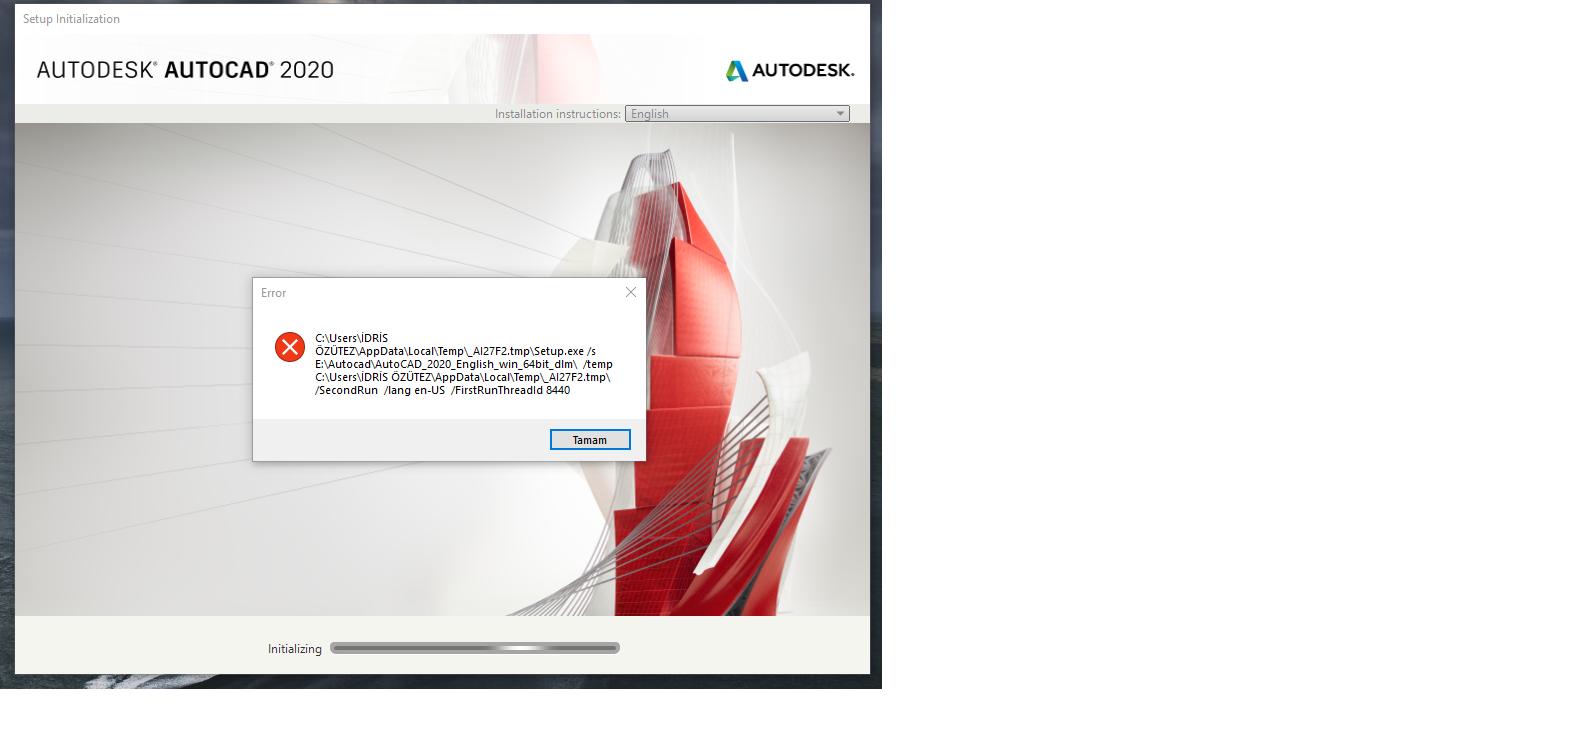 Autocad 2020 Error During Student Installation Help